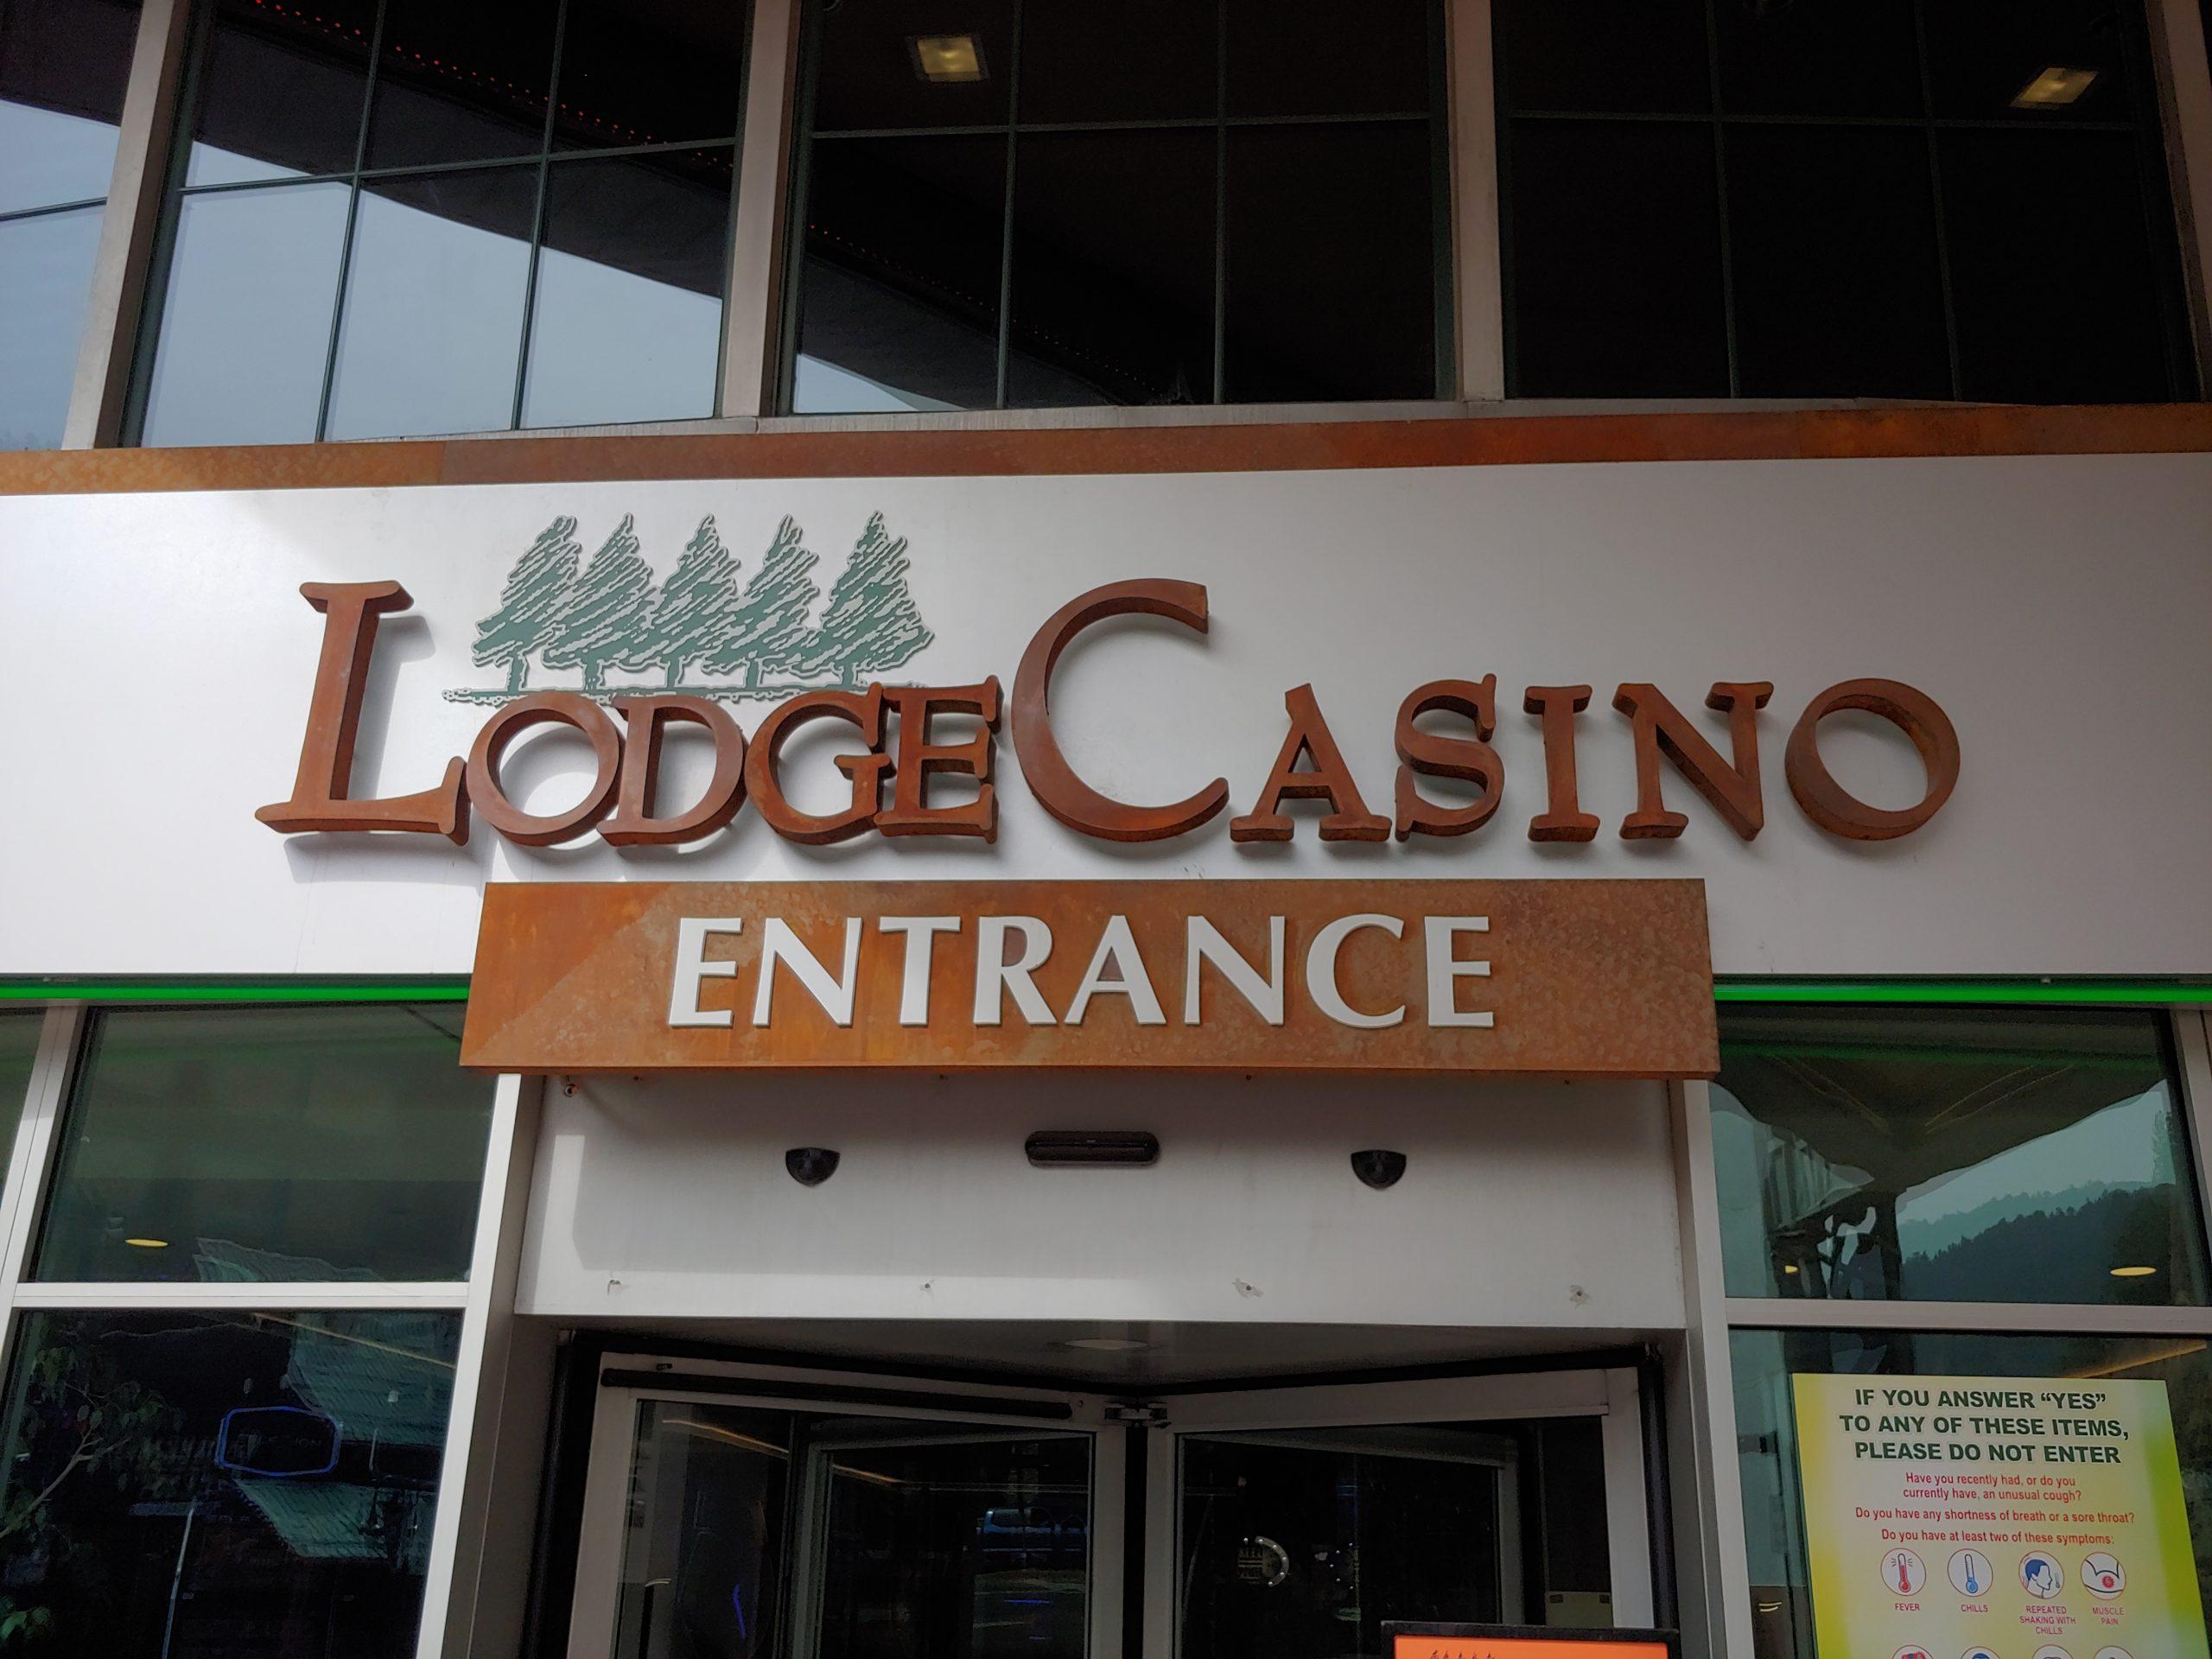 The Lodge Casino 10